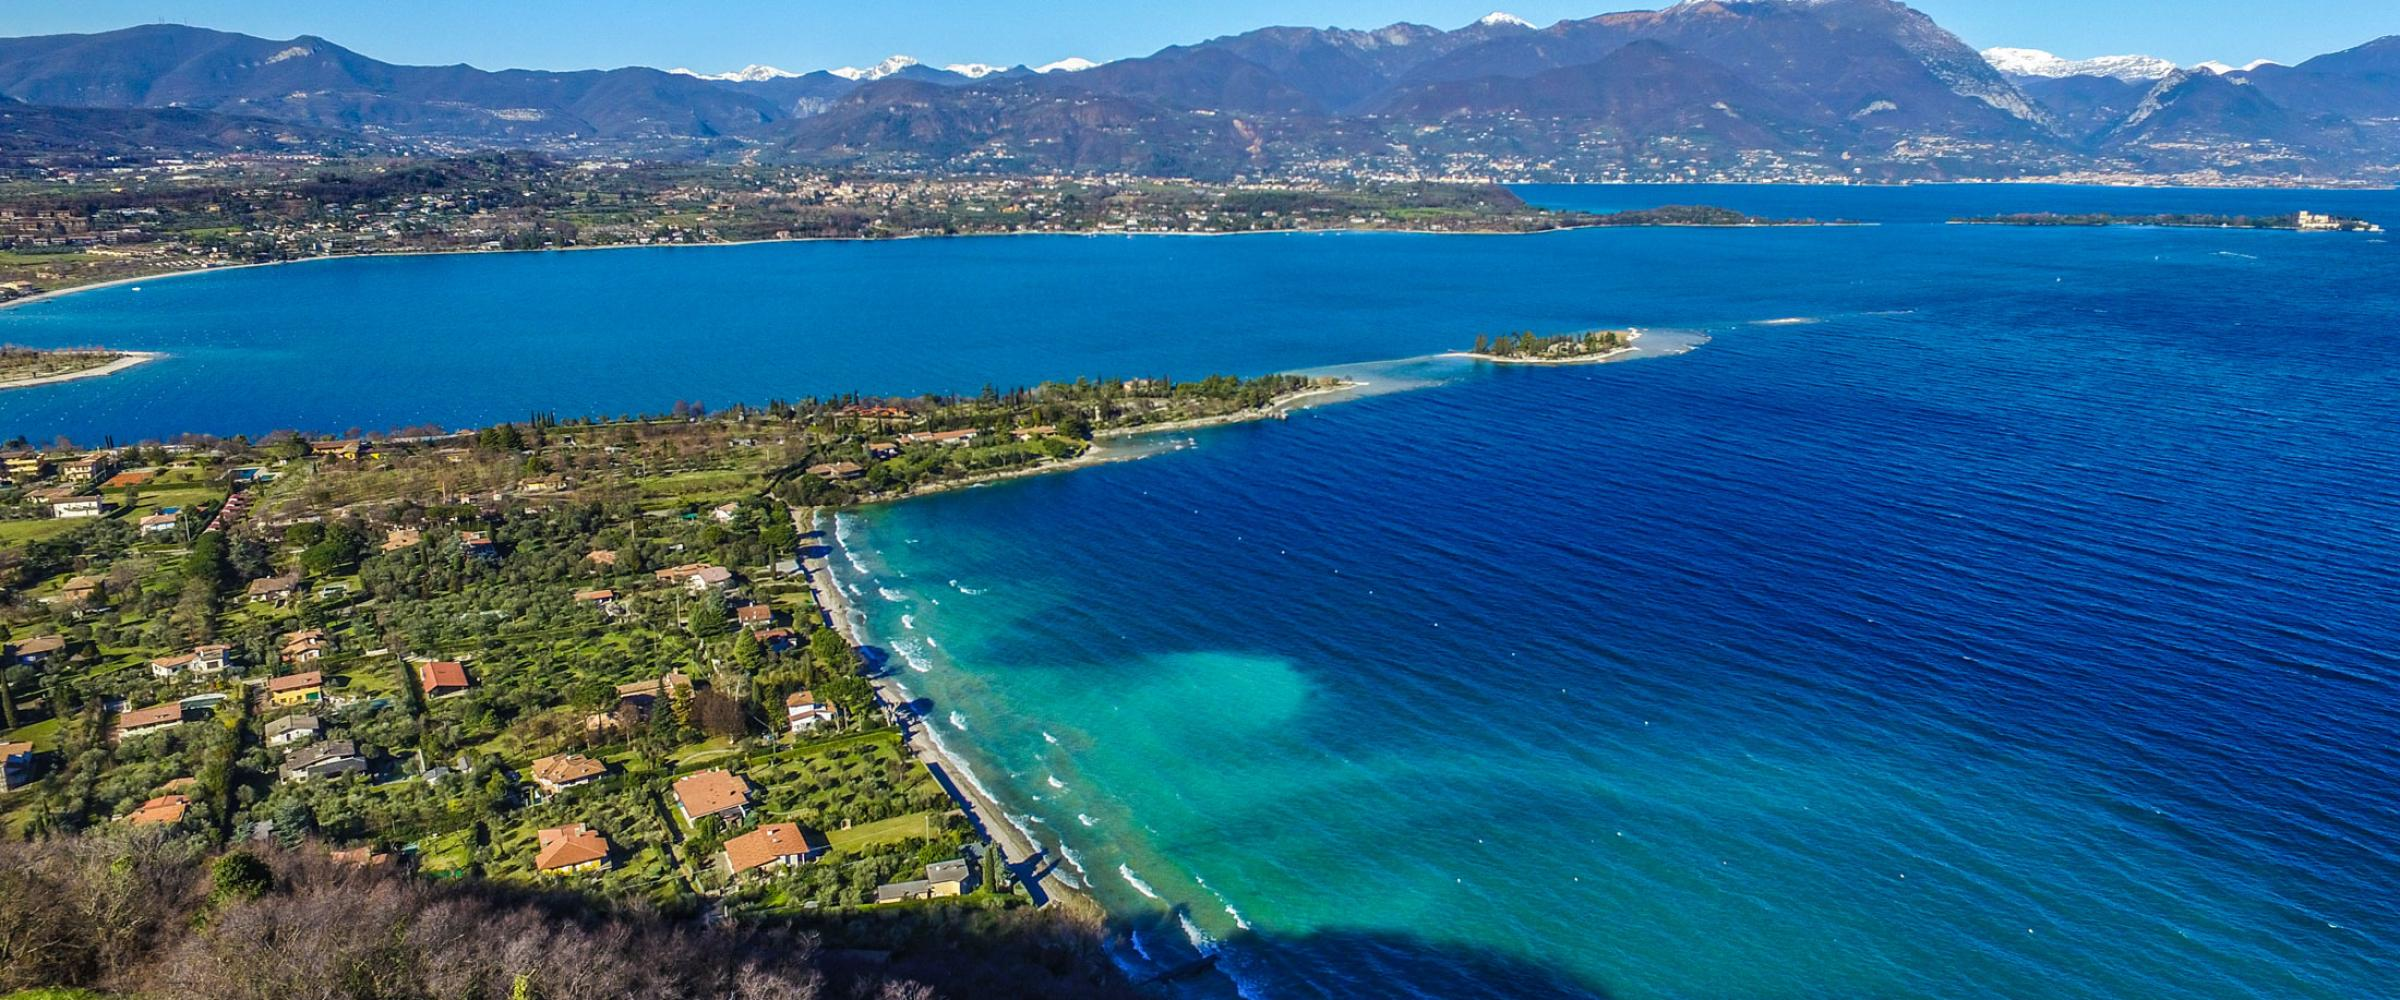 Vacanze sul lago di Garda a Manerba, presso Residence Il Molino